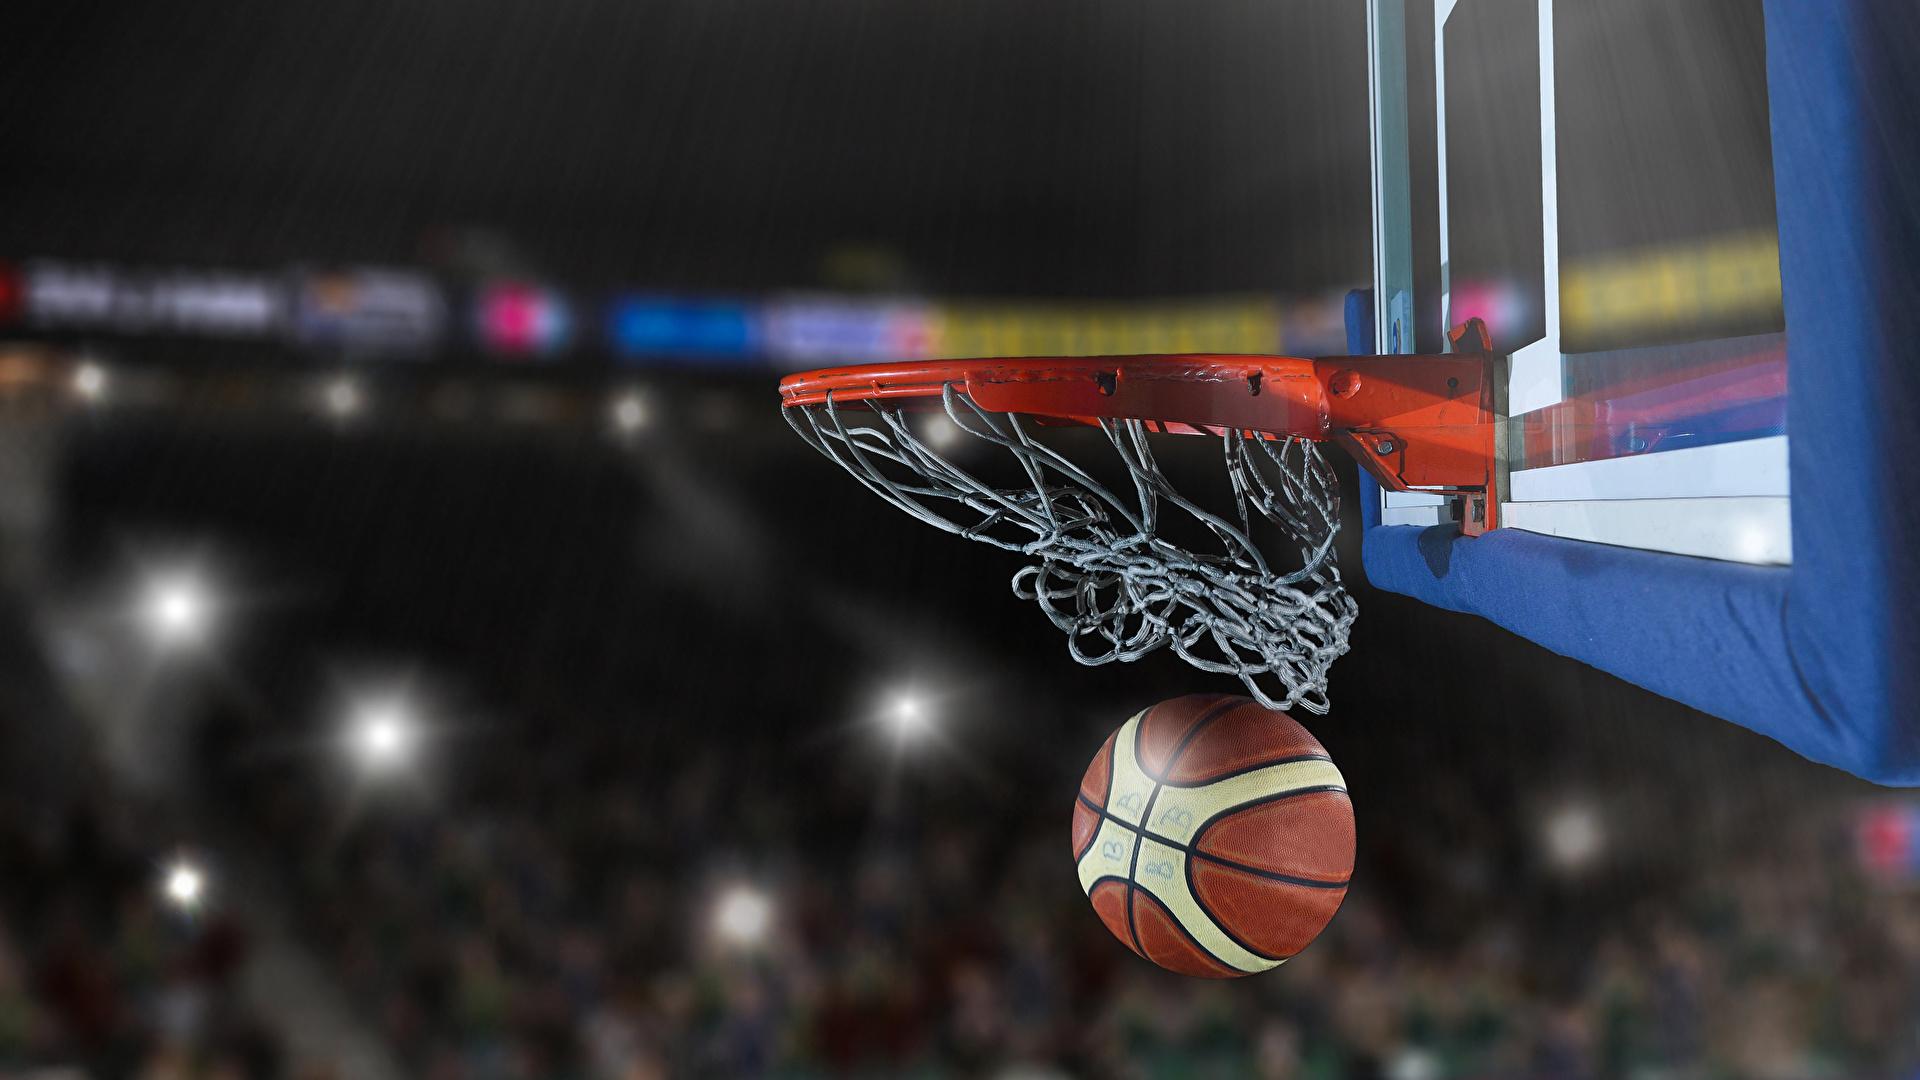 壁紙 1920x1080 バスケットボール スポーツボール スポーツ